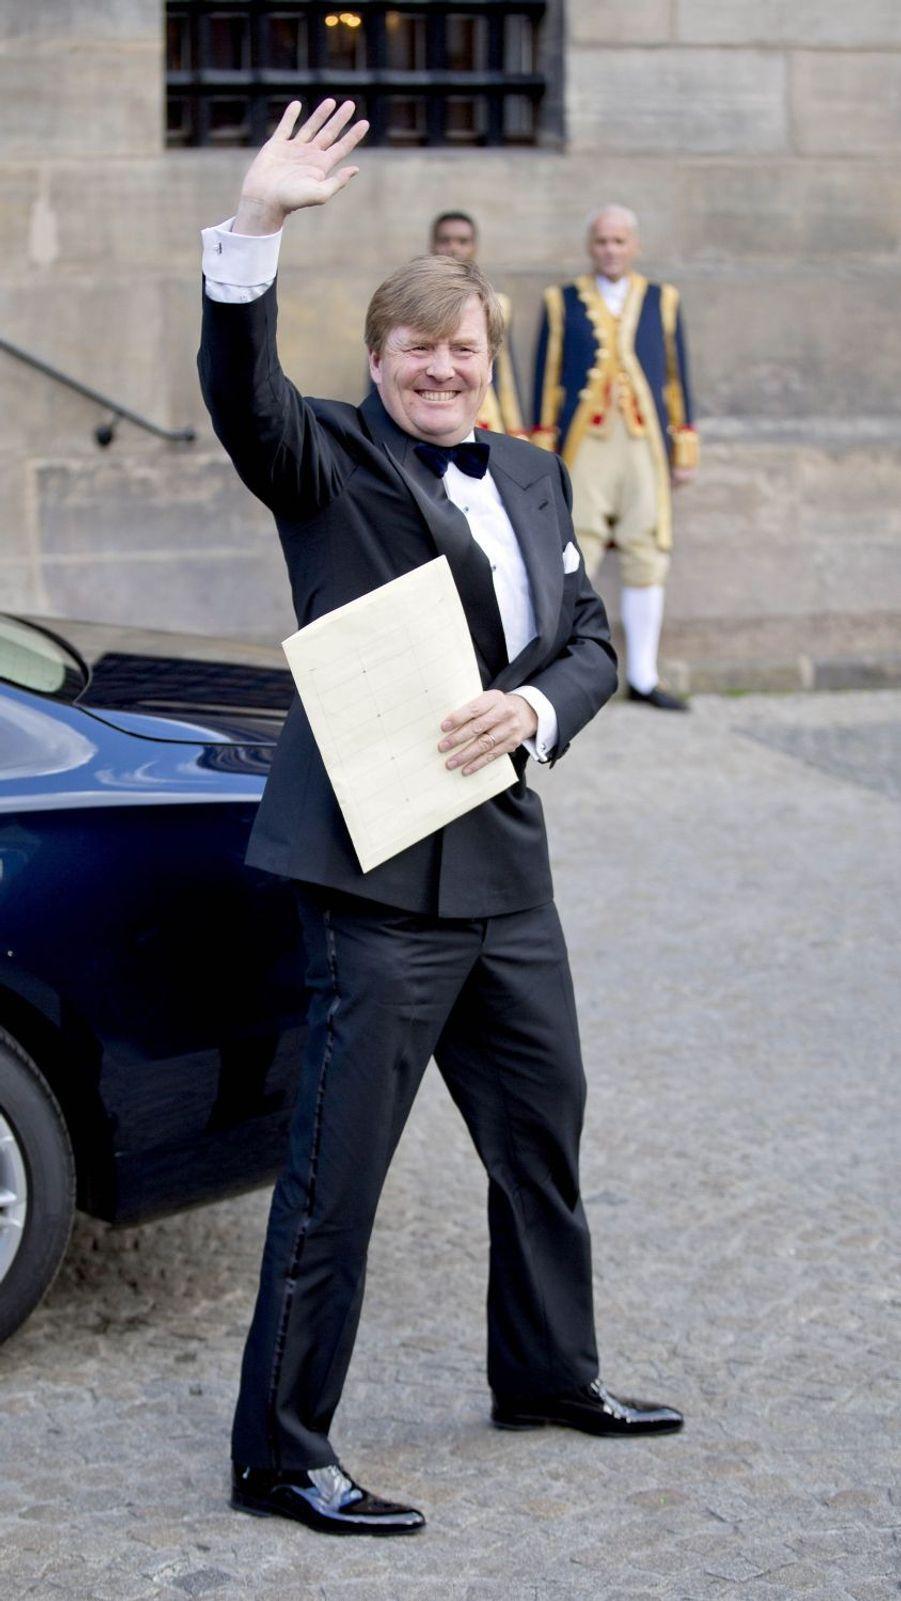 Le roi Willem-Alexander des Pays-Bas arrive au Palais royal à Amsterdam, le 28 avril 2017